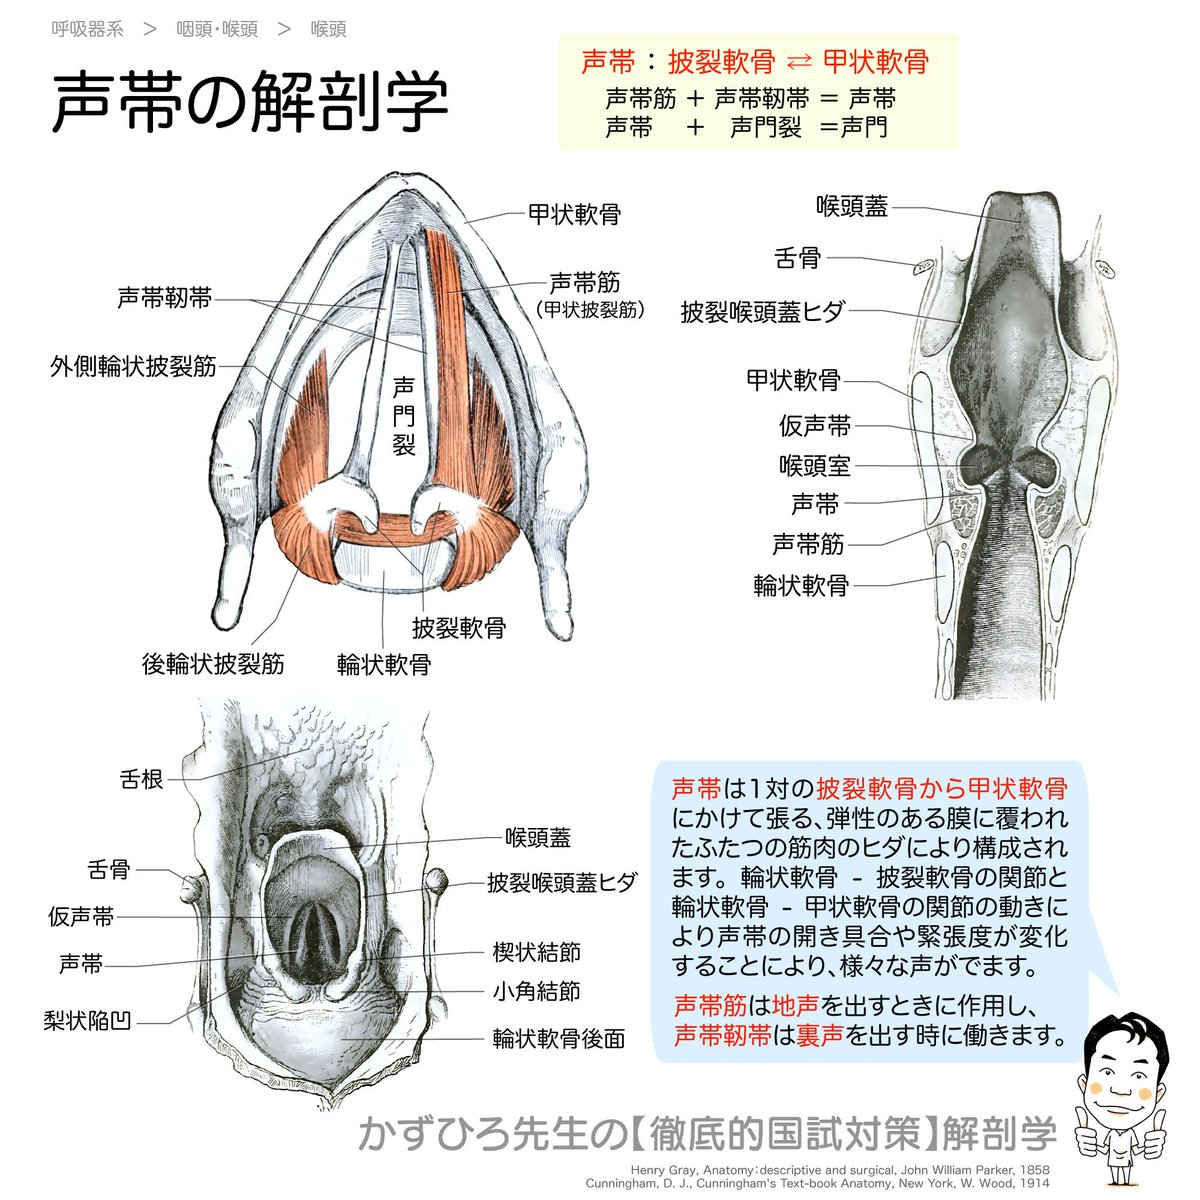 【声帯の解剖学】#声帯 : #披裂軟骨 ⇄ #甲状軟骨#声帯筋 + #声帯靭帯 = #声帯#声帯 + #声門裂 = #声門輪状軟骨 - 披裂軟骨と 輪状軟骨 - 甲状軟骨の関節の動きにより声帯の開き具合や緊張度が変化し様々な声がでます【アナトミーブートキャンプ2021】早割2/3まで